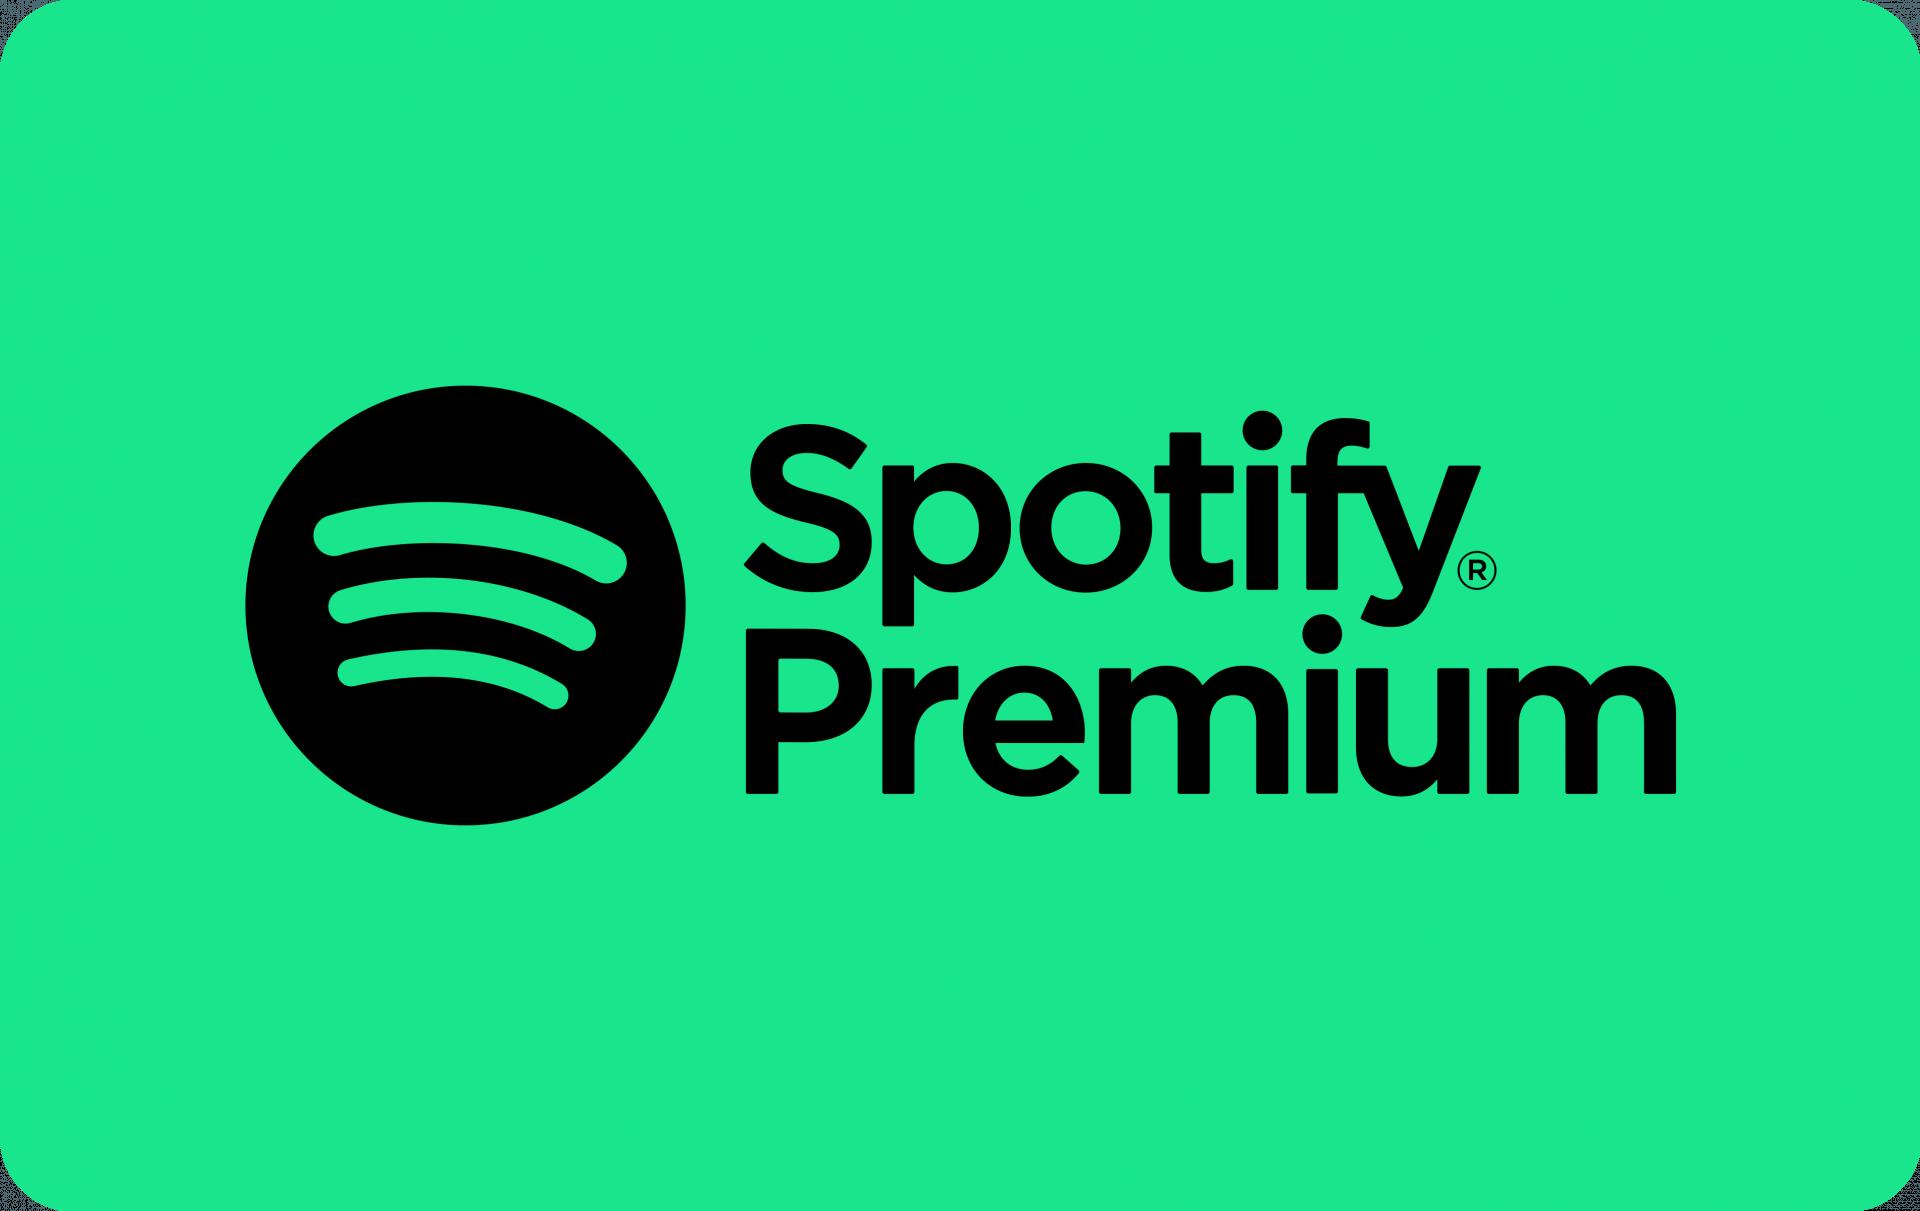 Как отменить подписку Spotify Premium